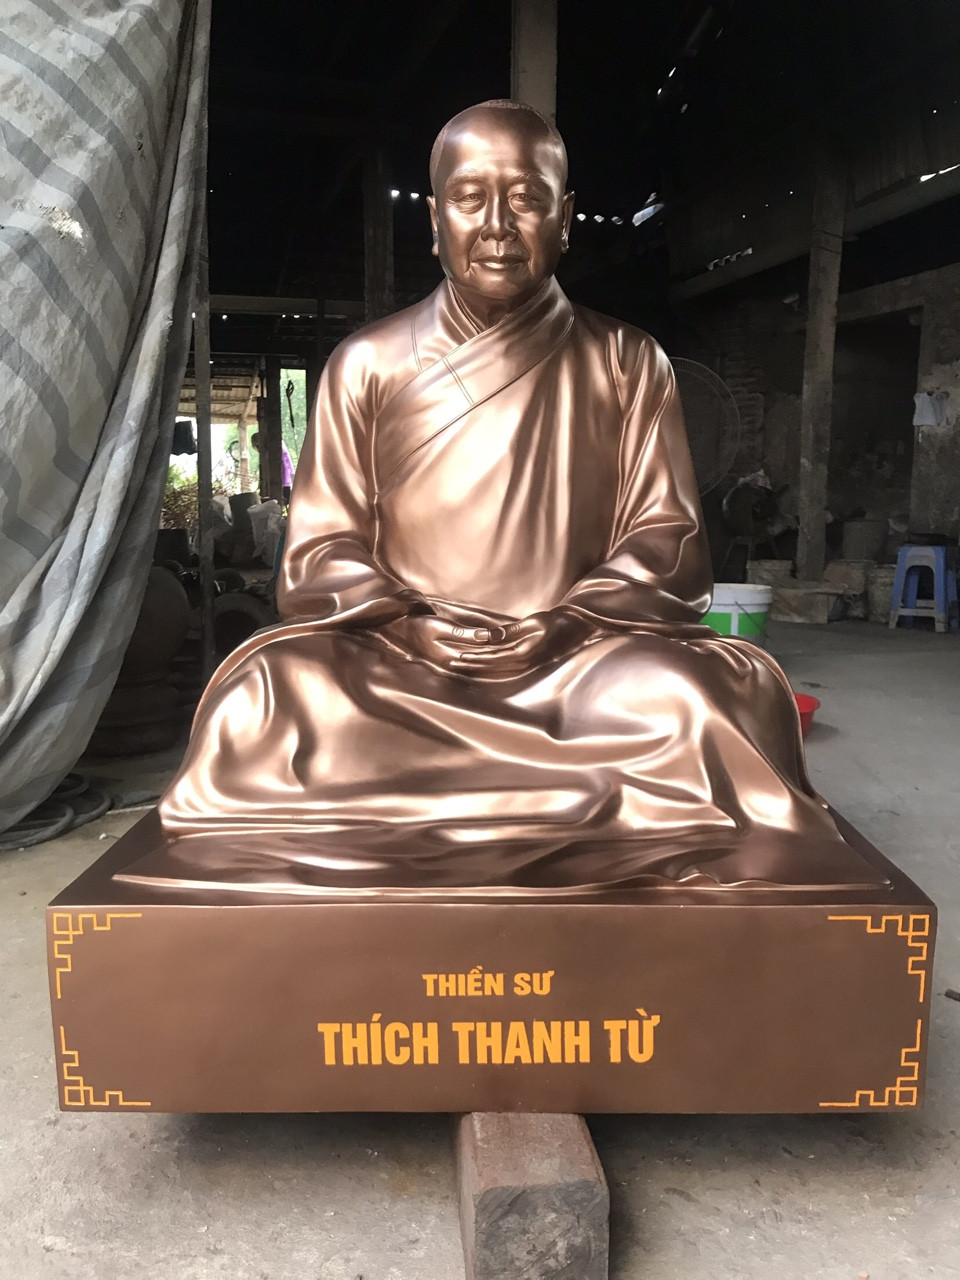 Đúc tượng thiền sư Thích Thanh Từ bằng đồng đỏ